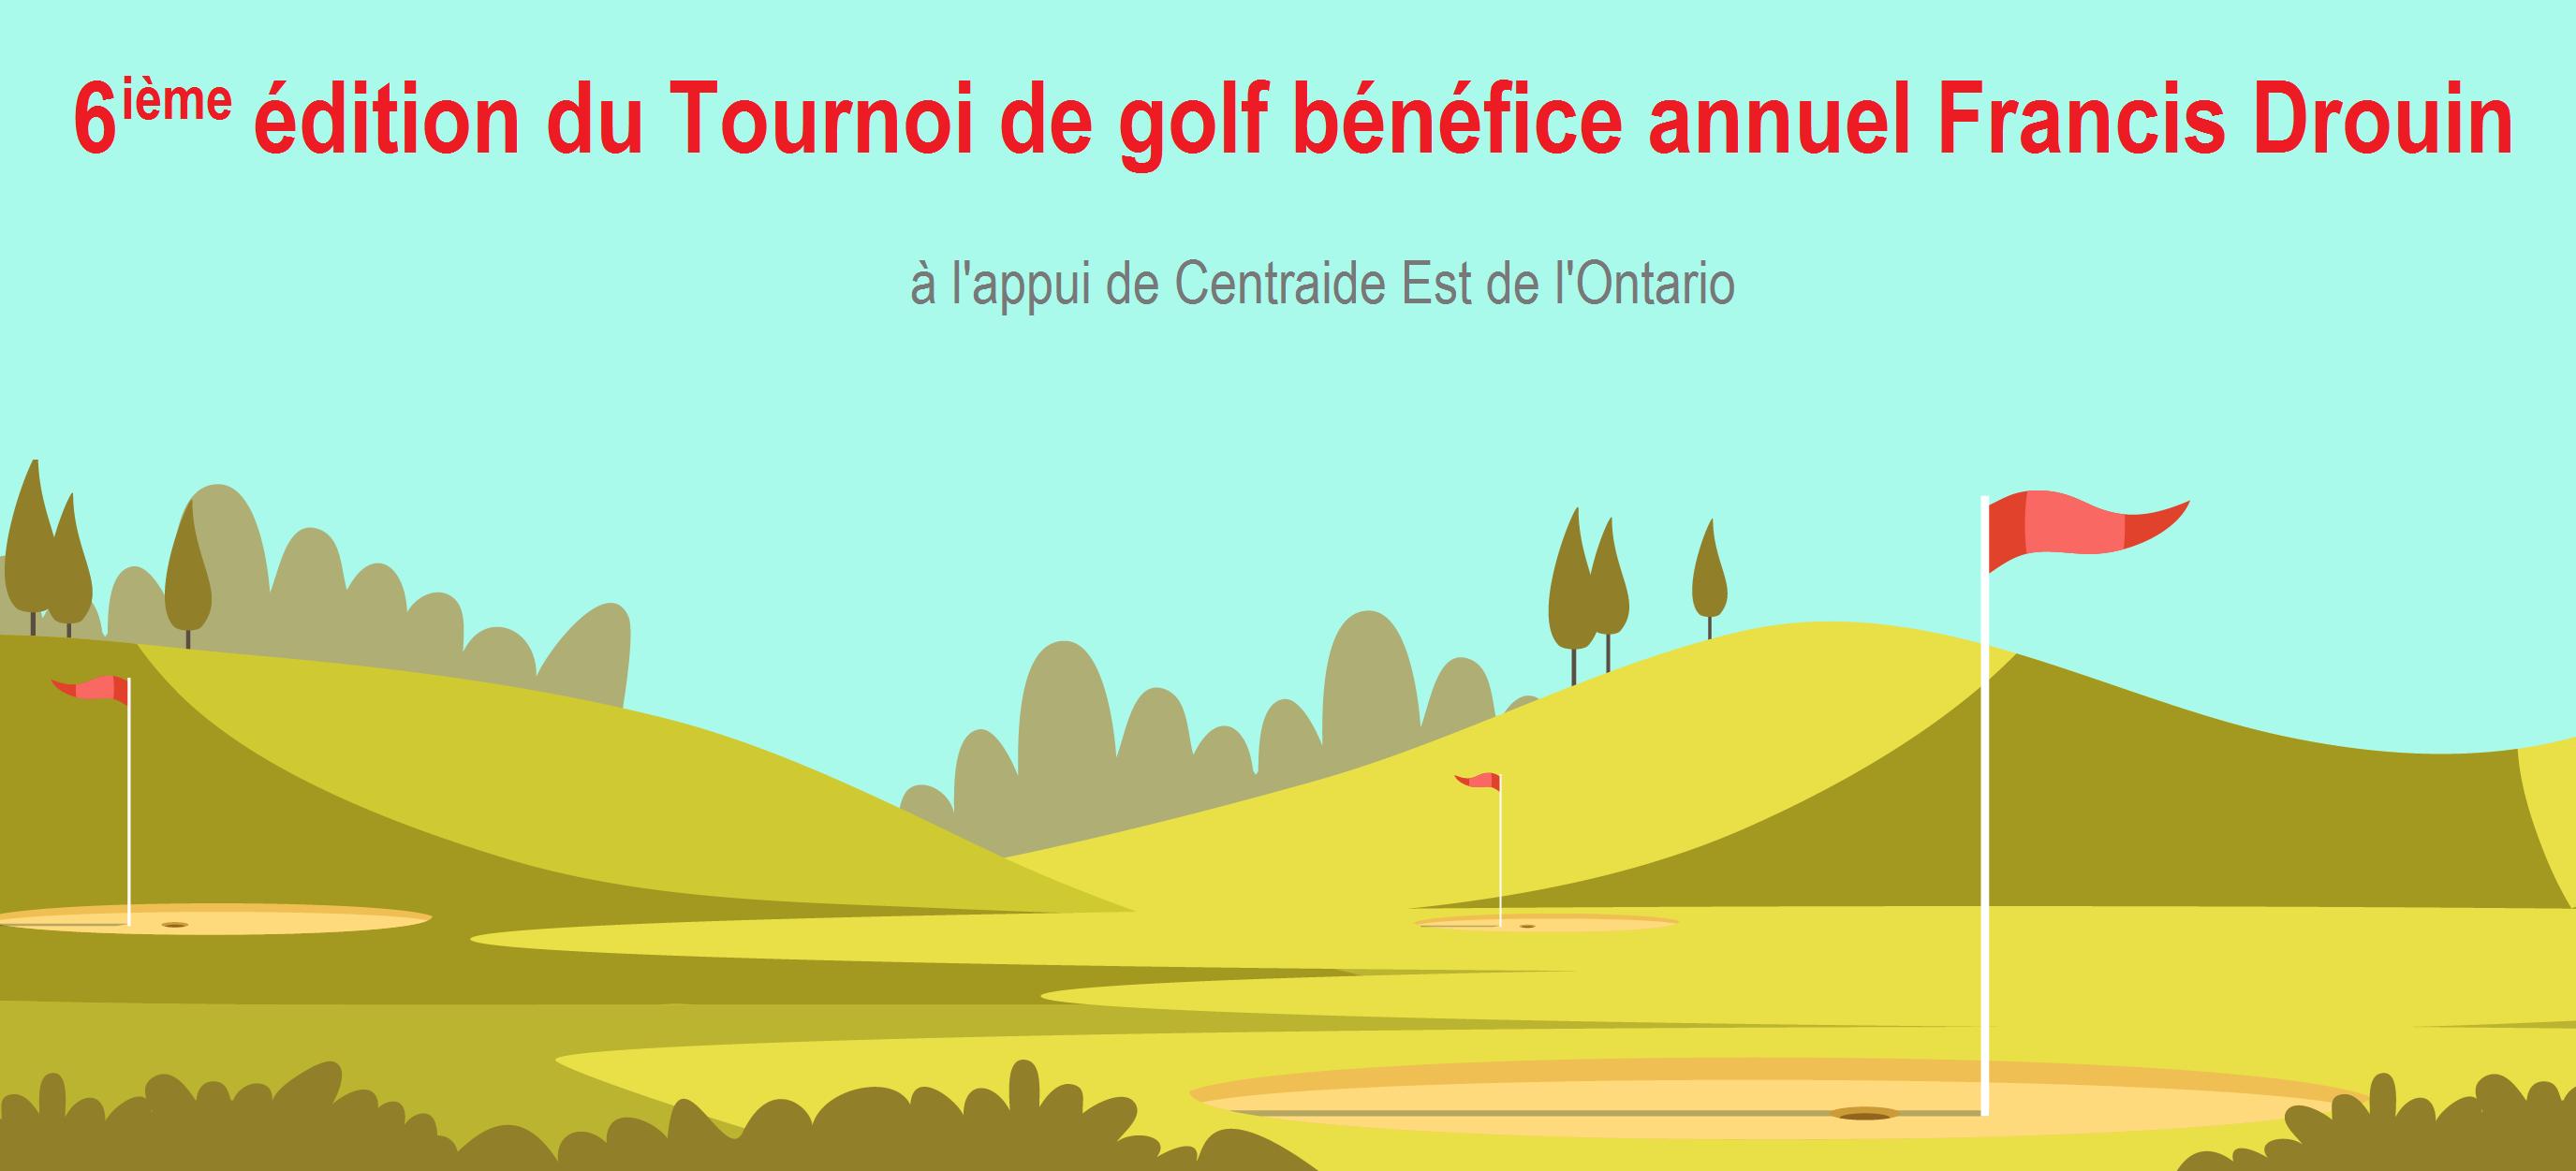 Francis Drouin Golf Tournament.png